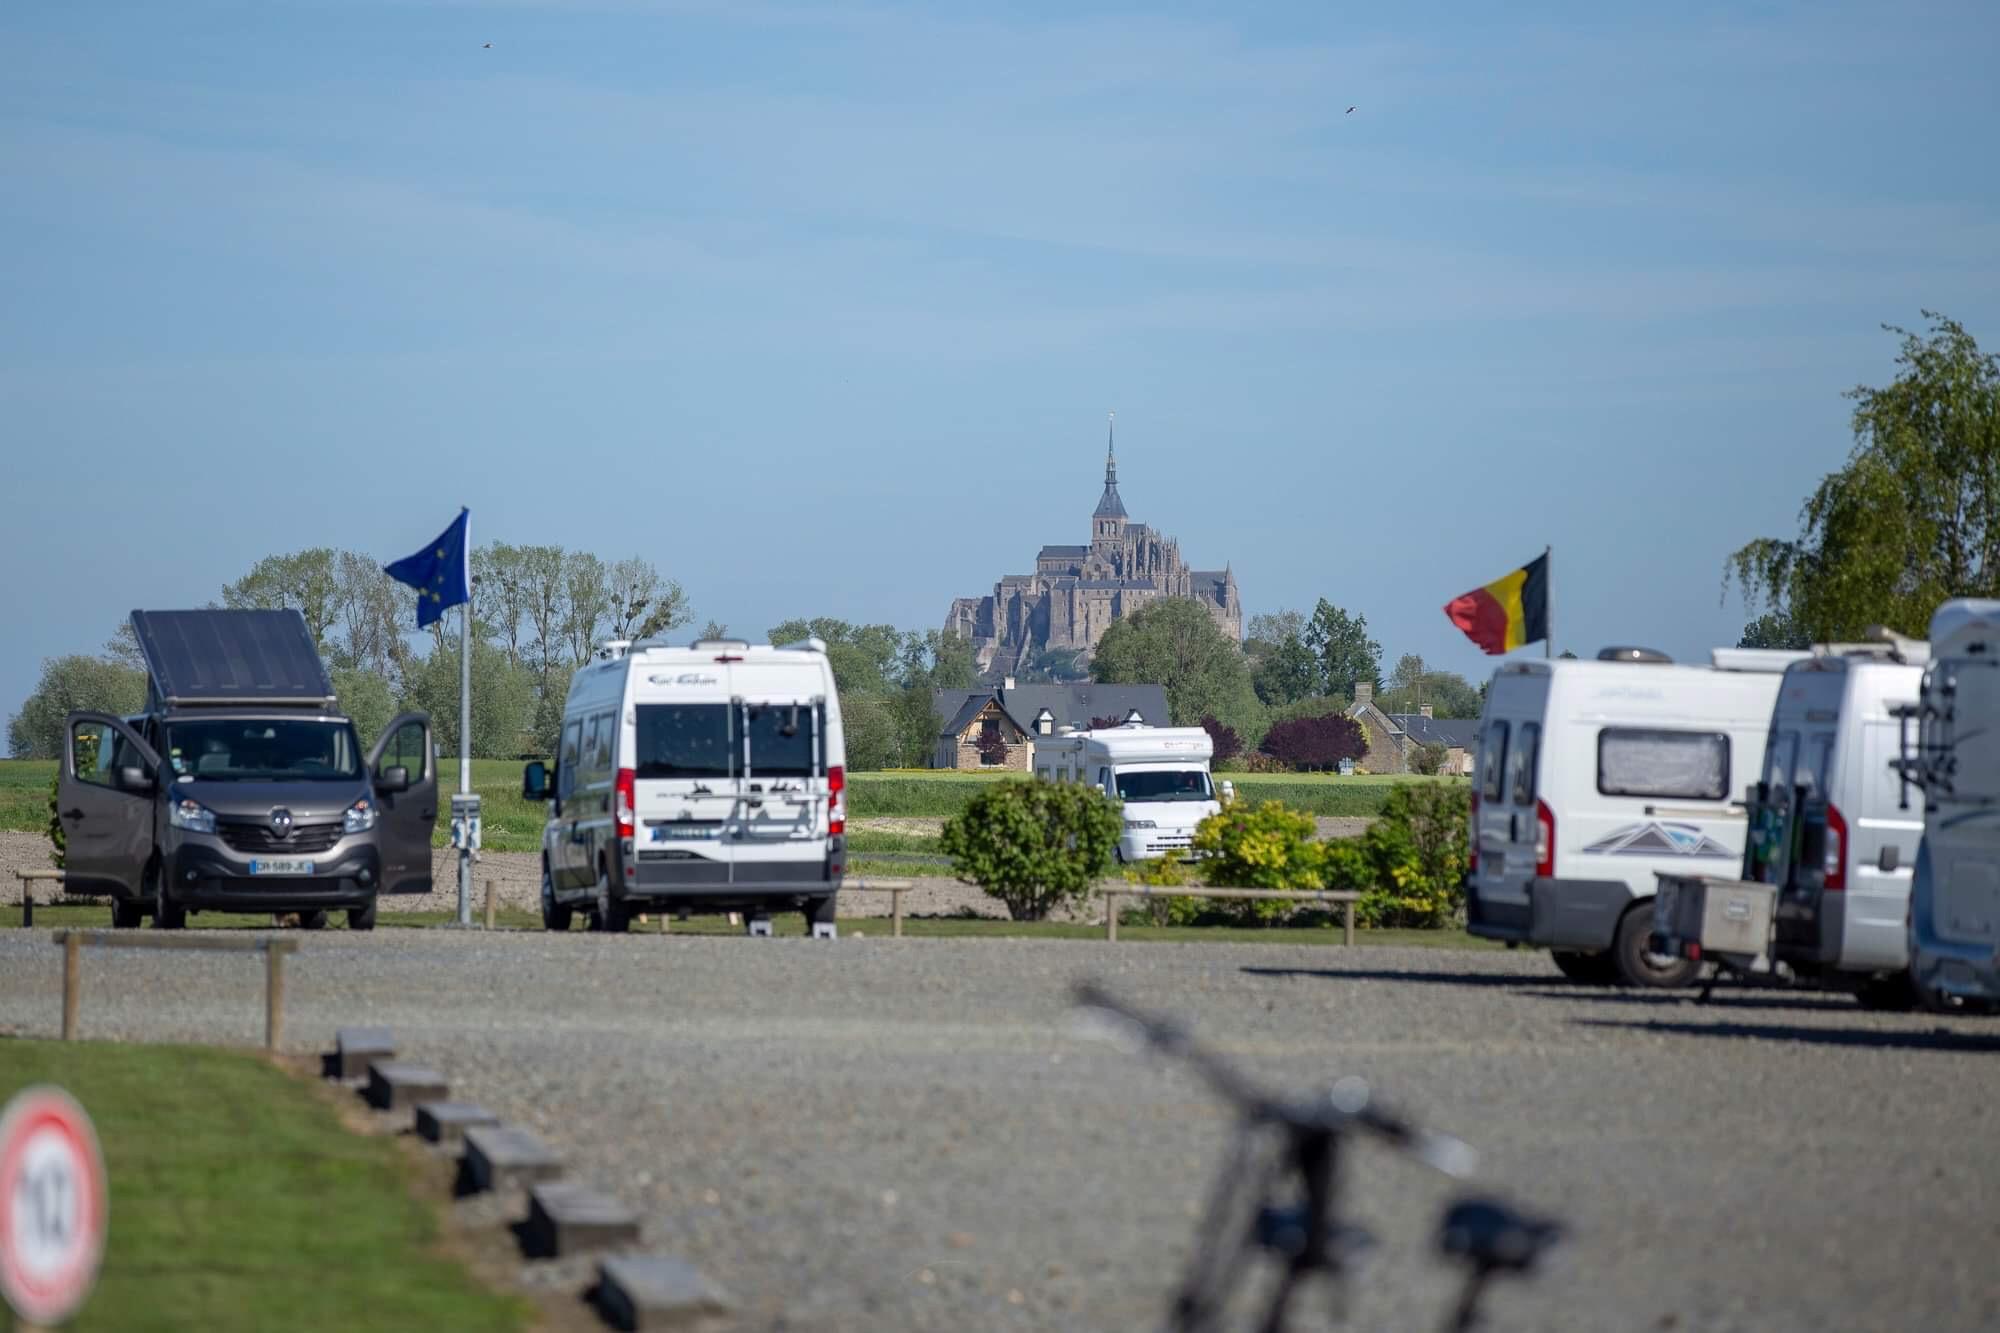 Vue sur le Mont-Saint-Michel depuis l'aire de camping-car/camping à la ferme de La Bidonnière à Ardevon